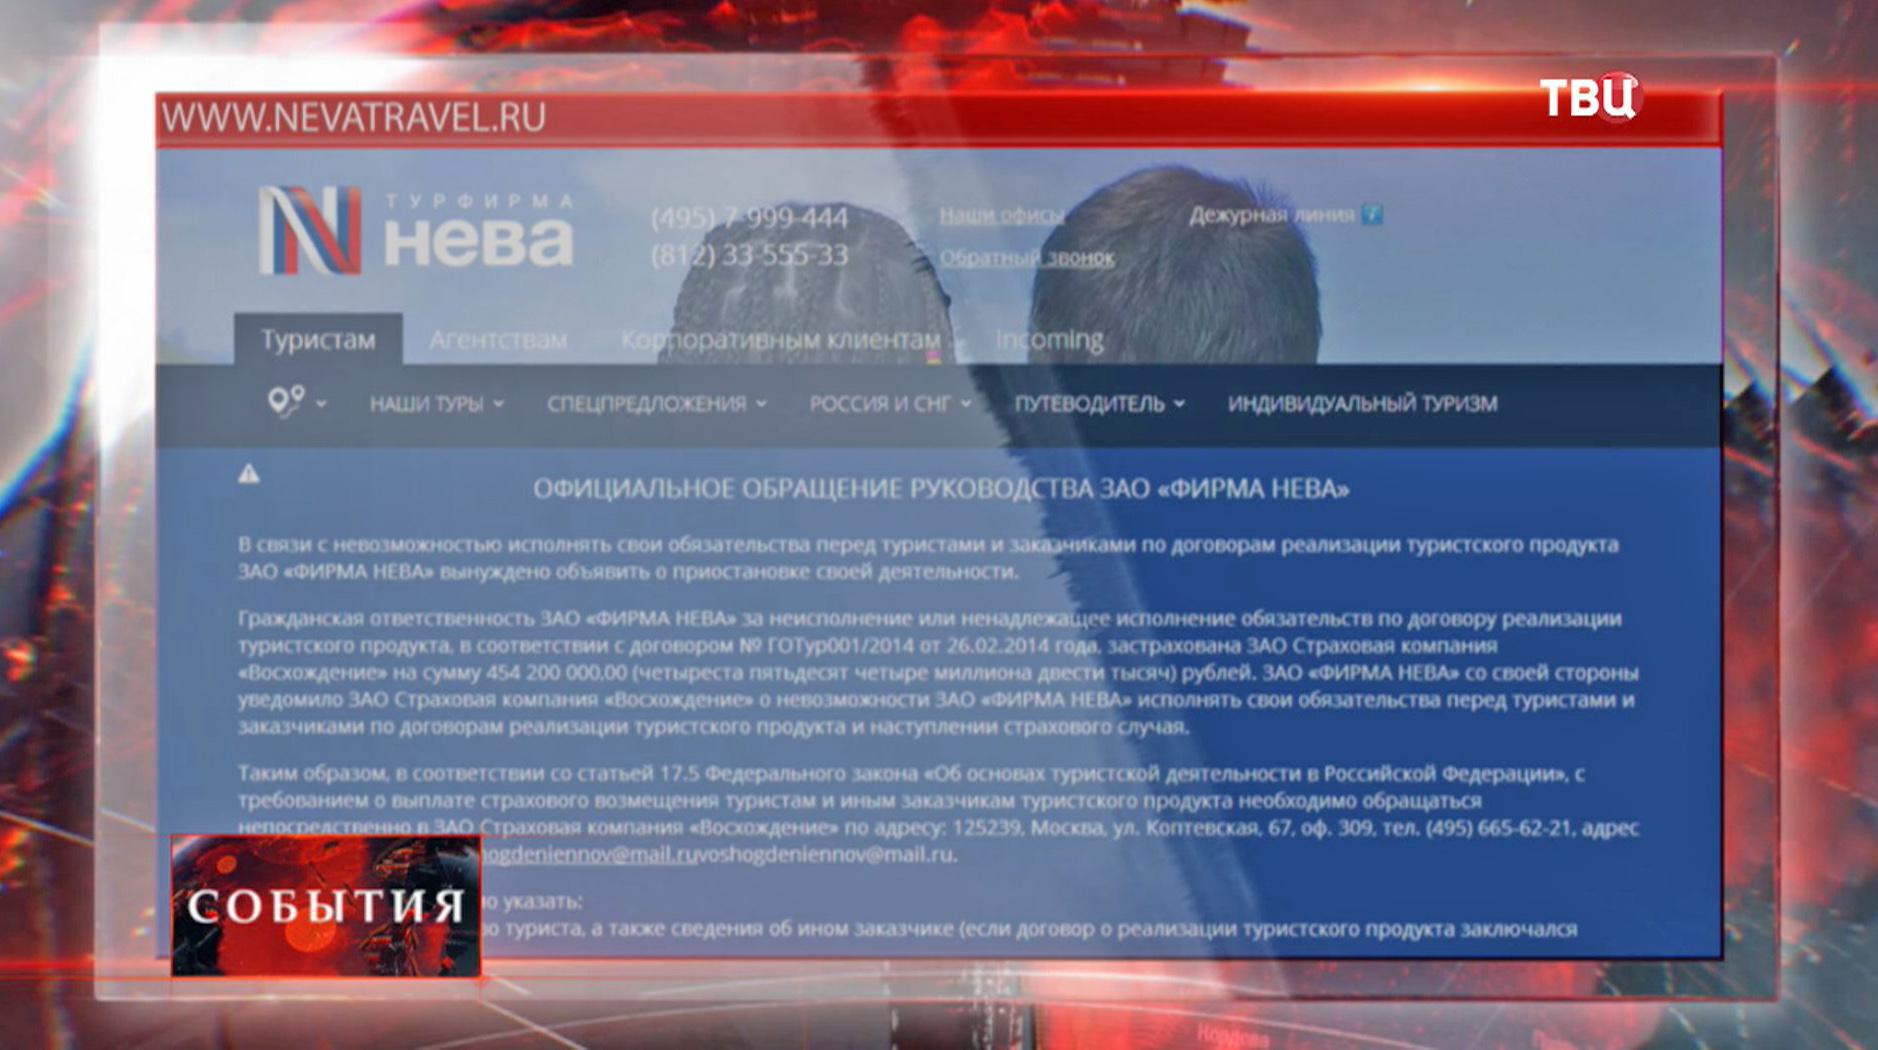 """Сайт турфирмы """"Нева"""""""